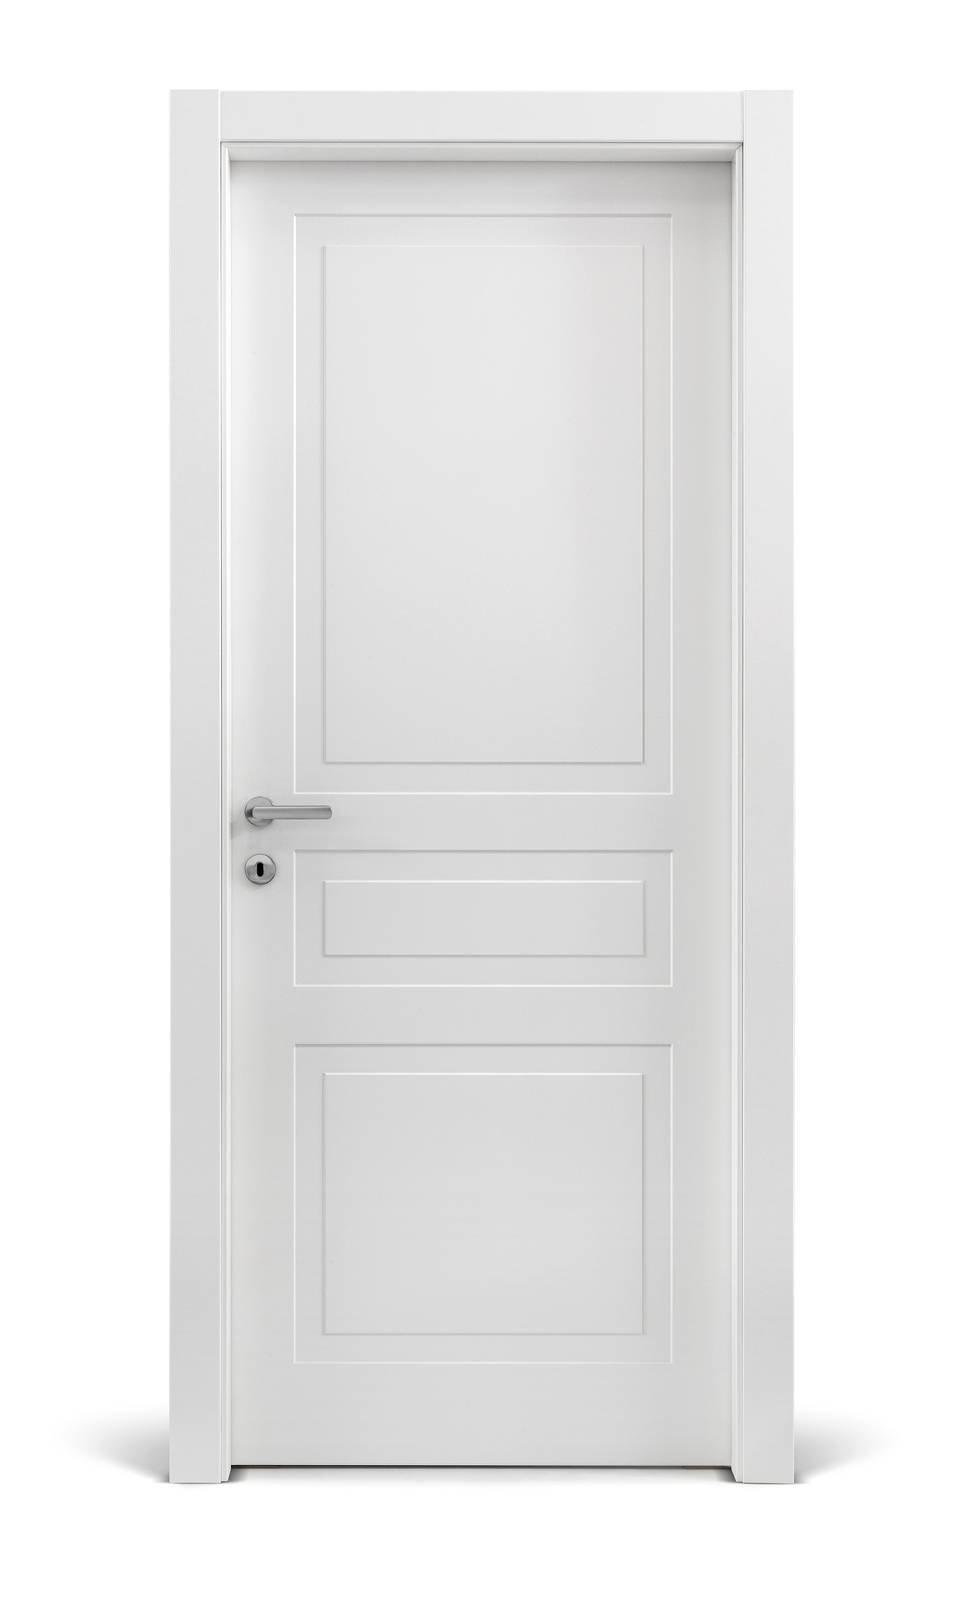 Porte Interne Shabby Chic abbinare porte e maniglie: come scegliere stili e colori